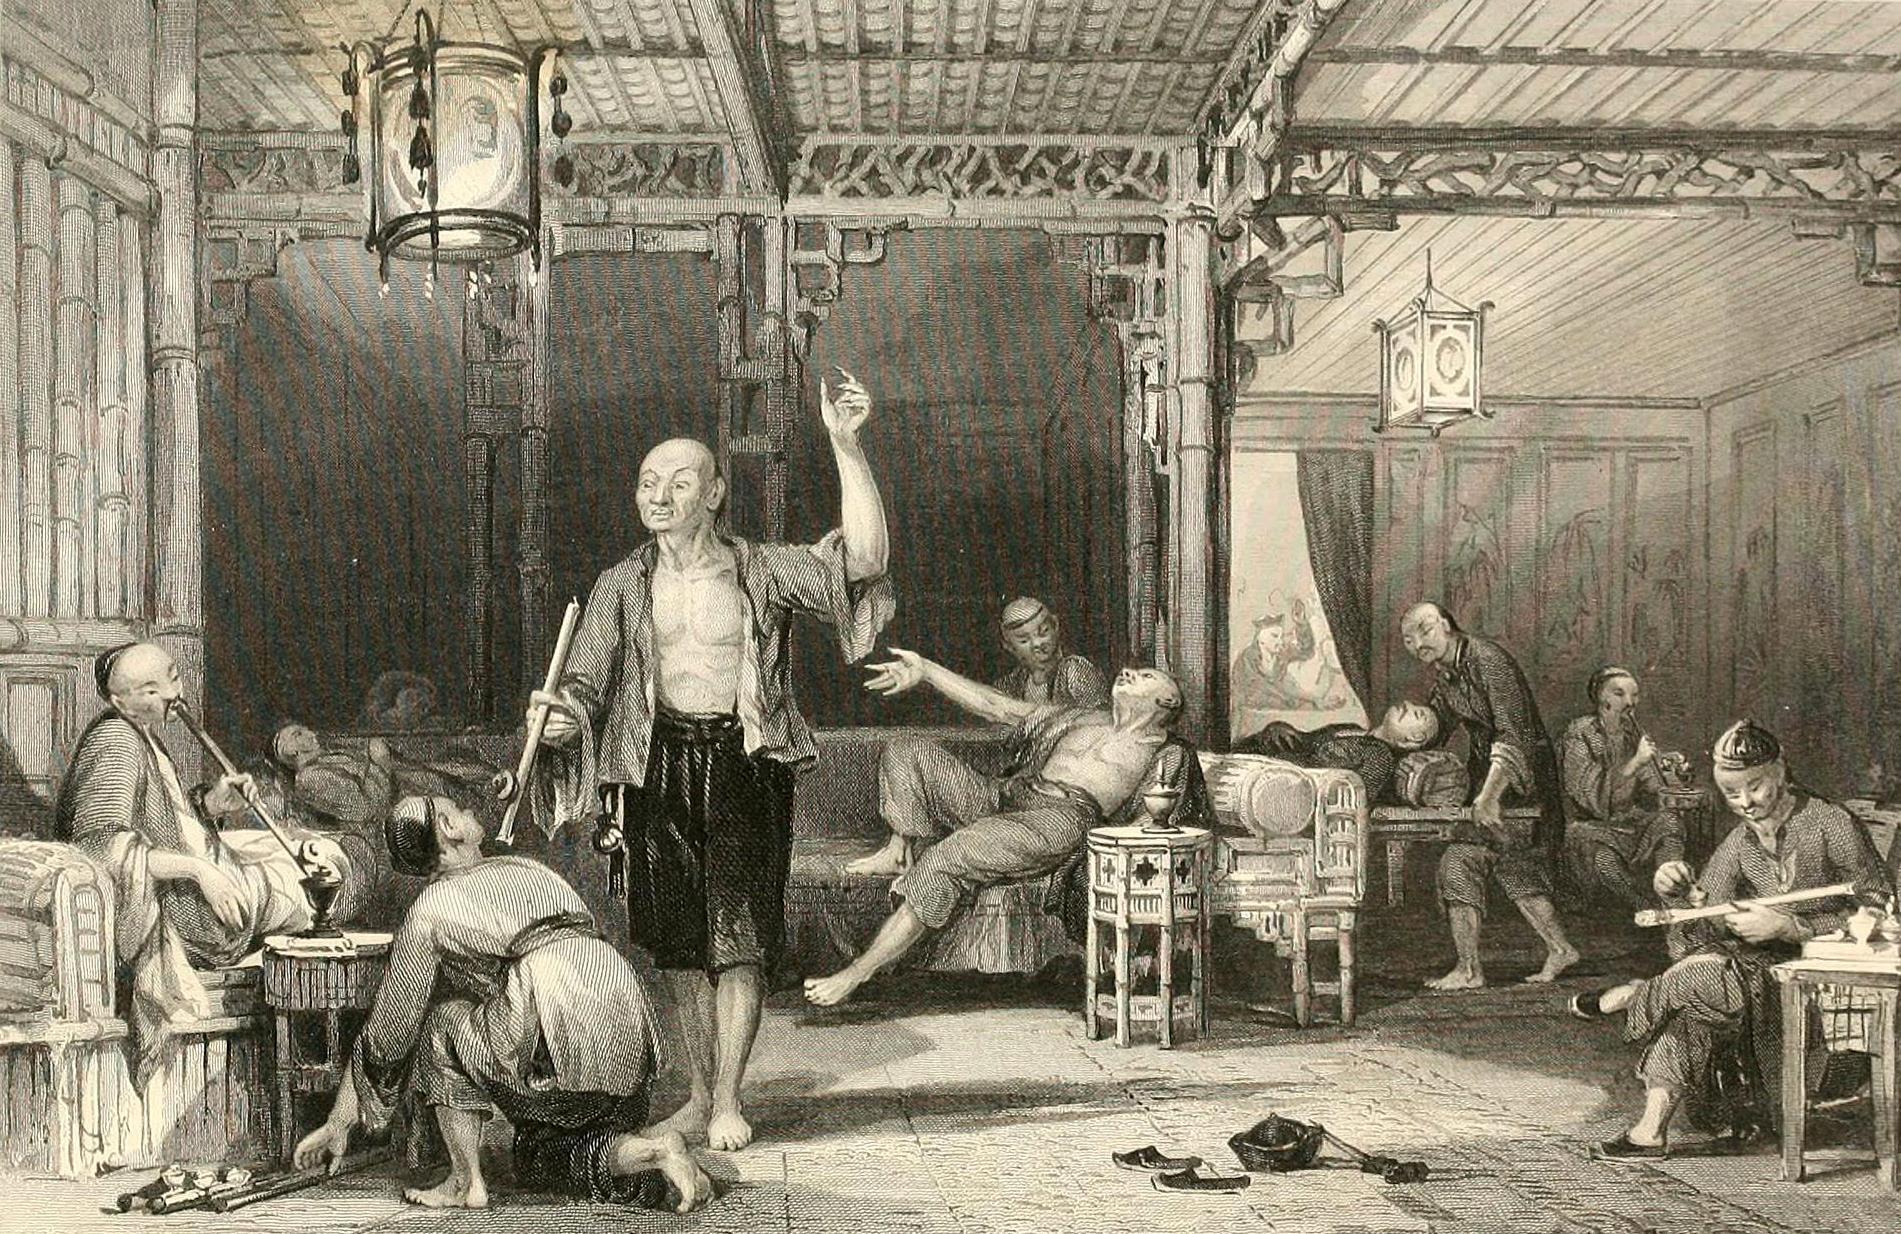 Les guerres de l'opium du 19e siècle en Chine | Aujourd'hui l'histoire